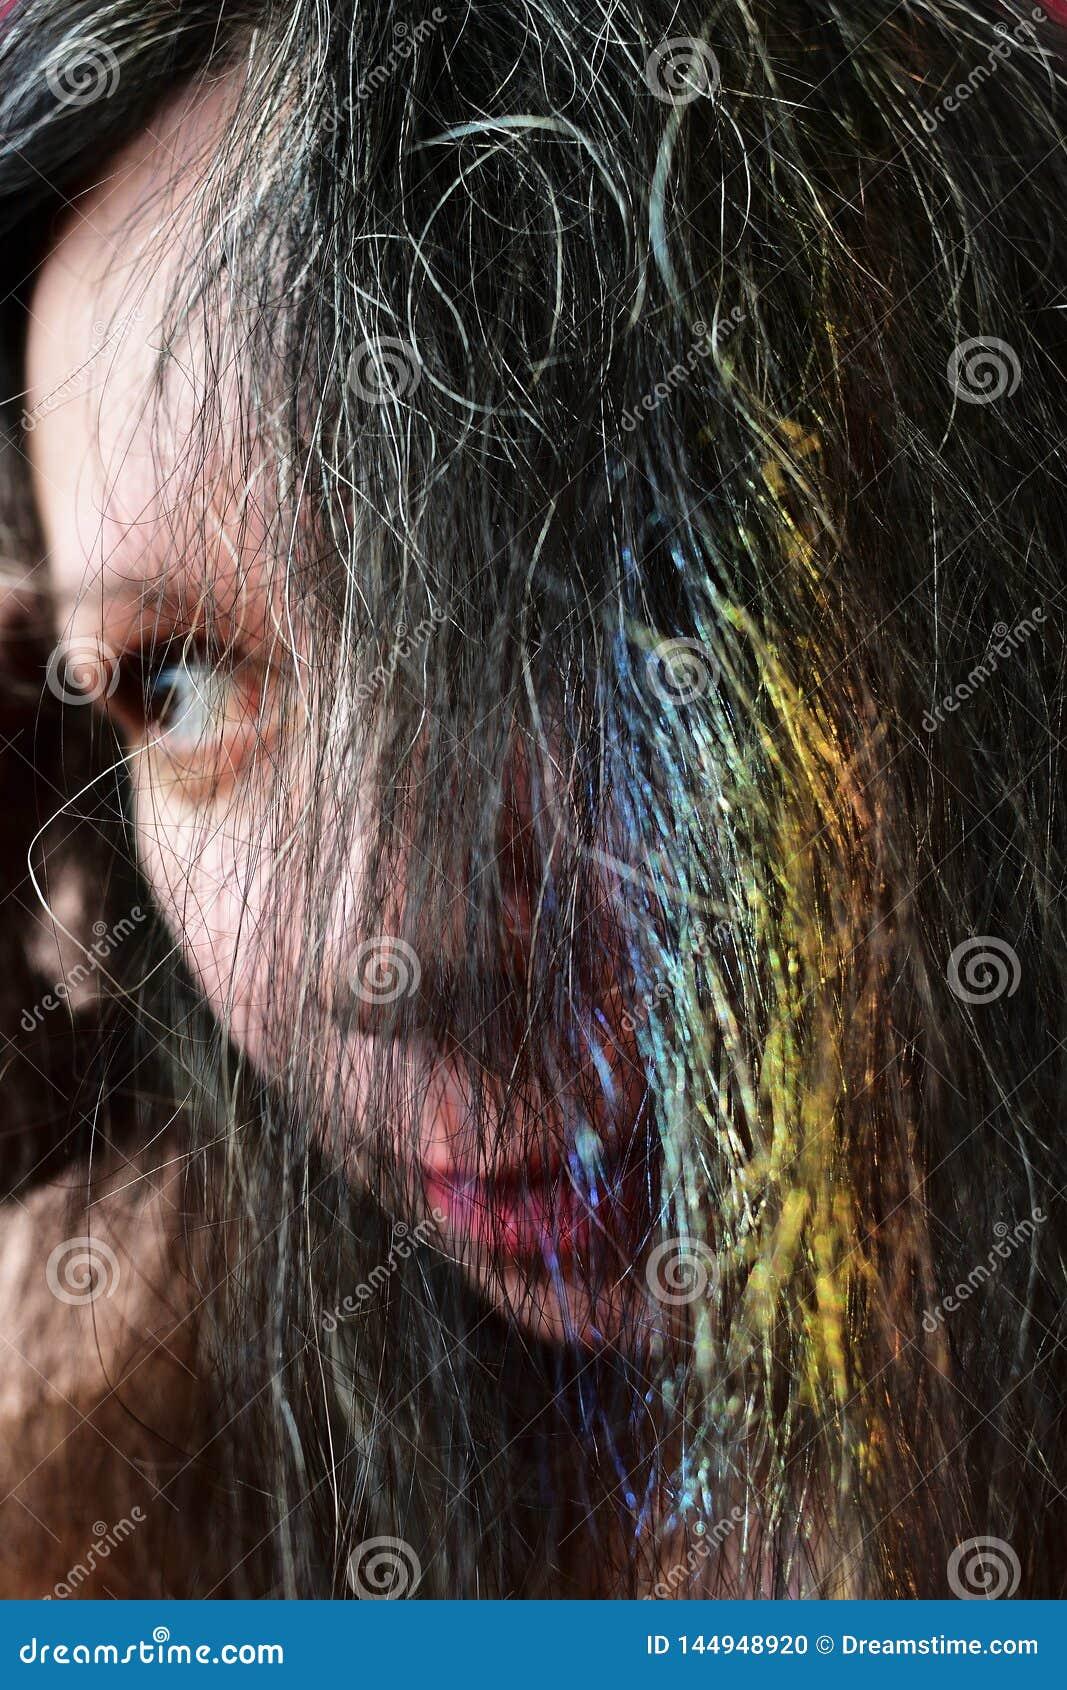 Portrait af une jeune femme avec un arc-en-ciel sur les cheveux foncés